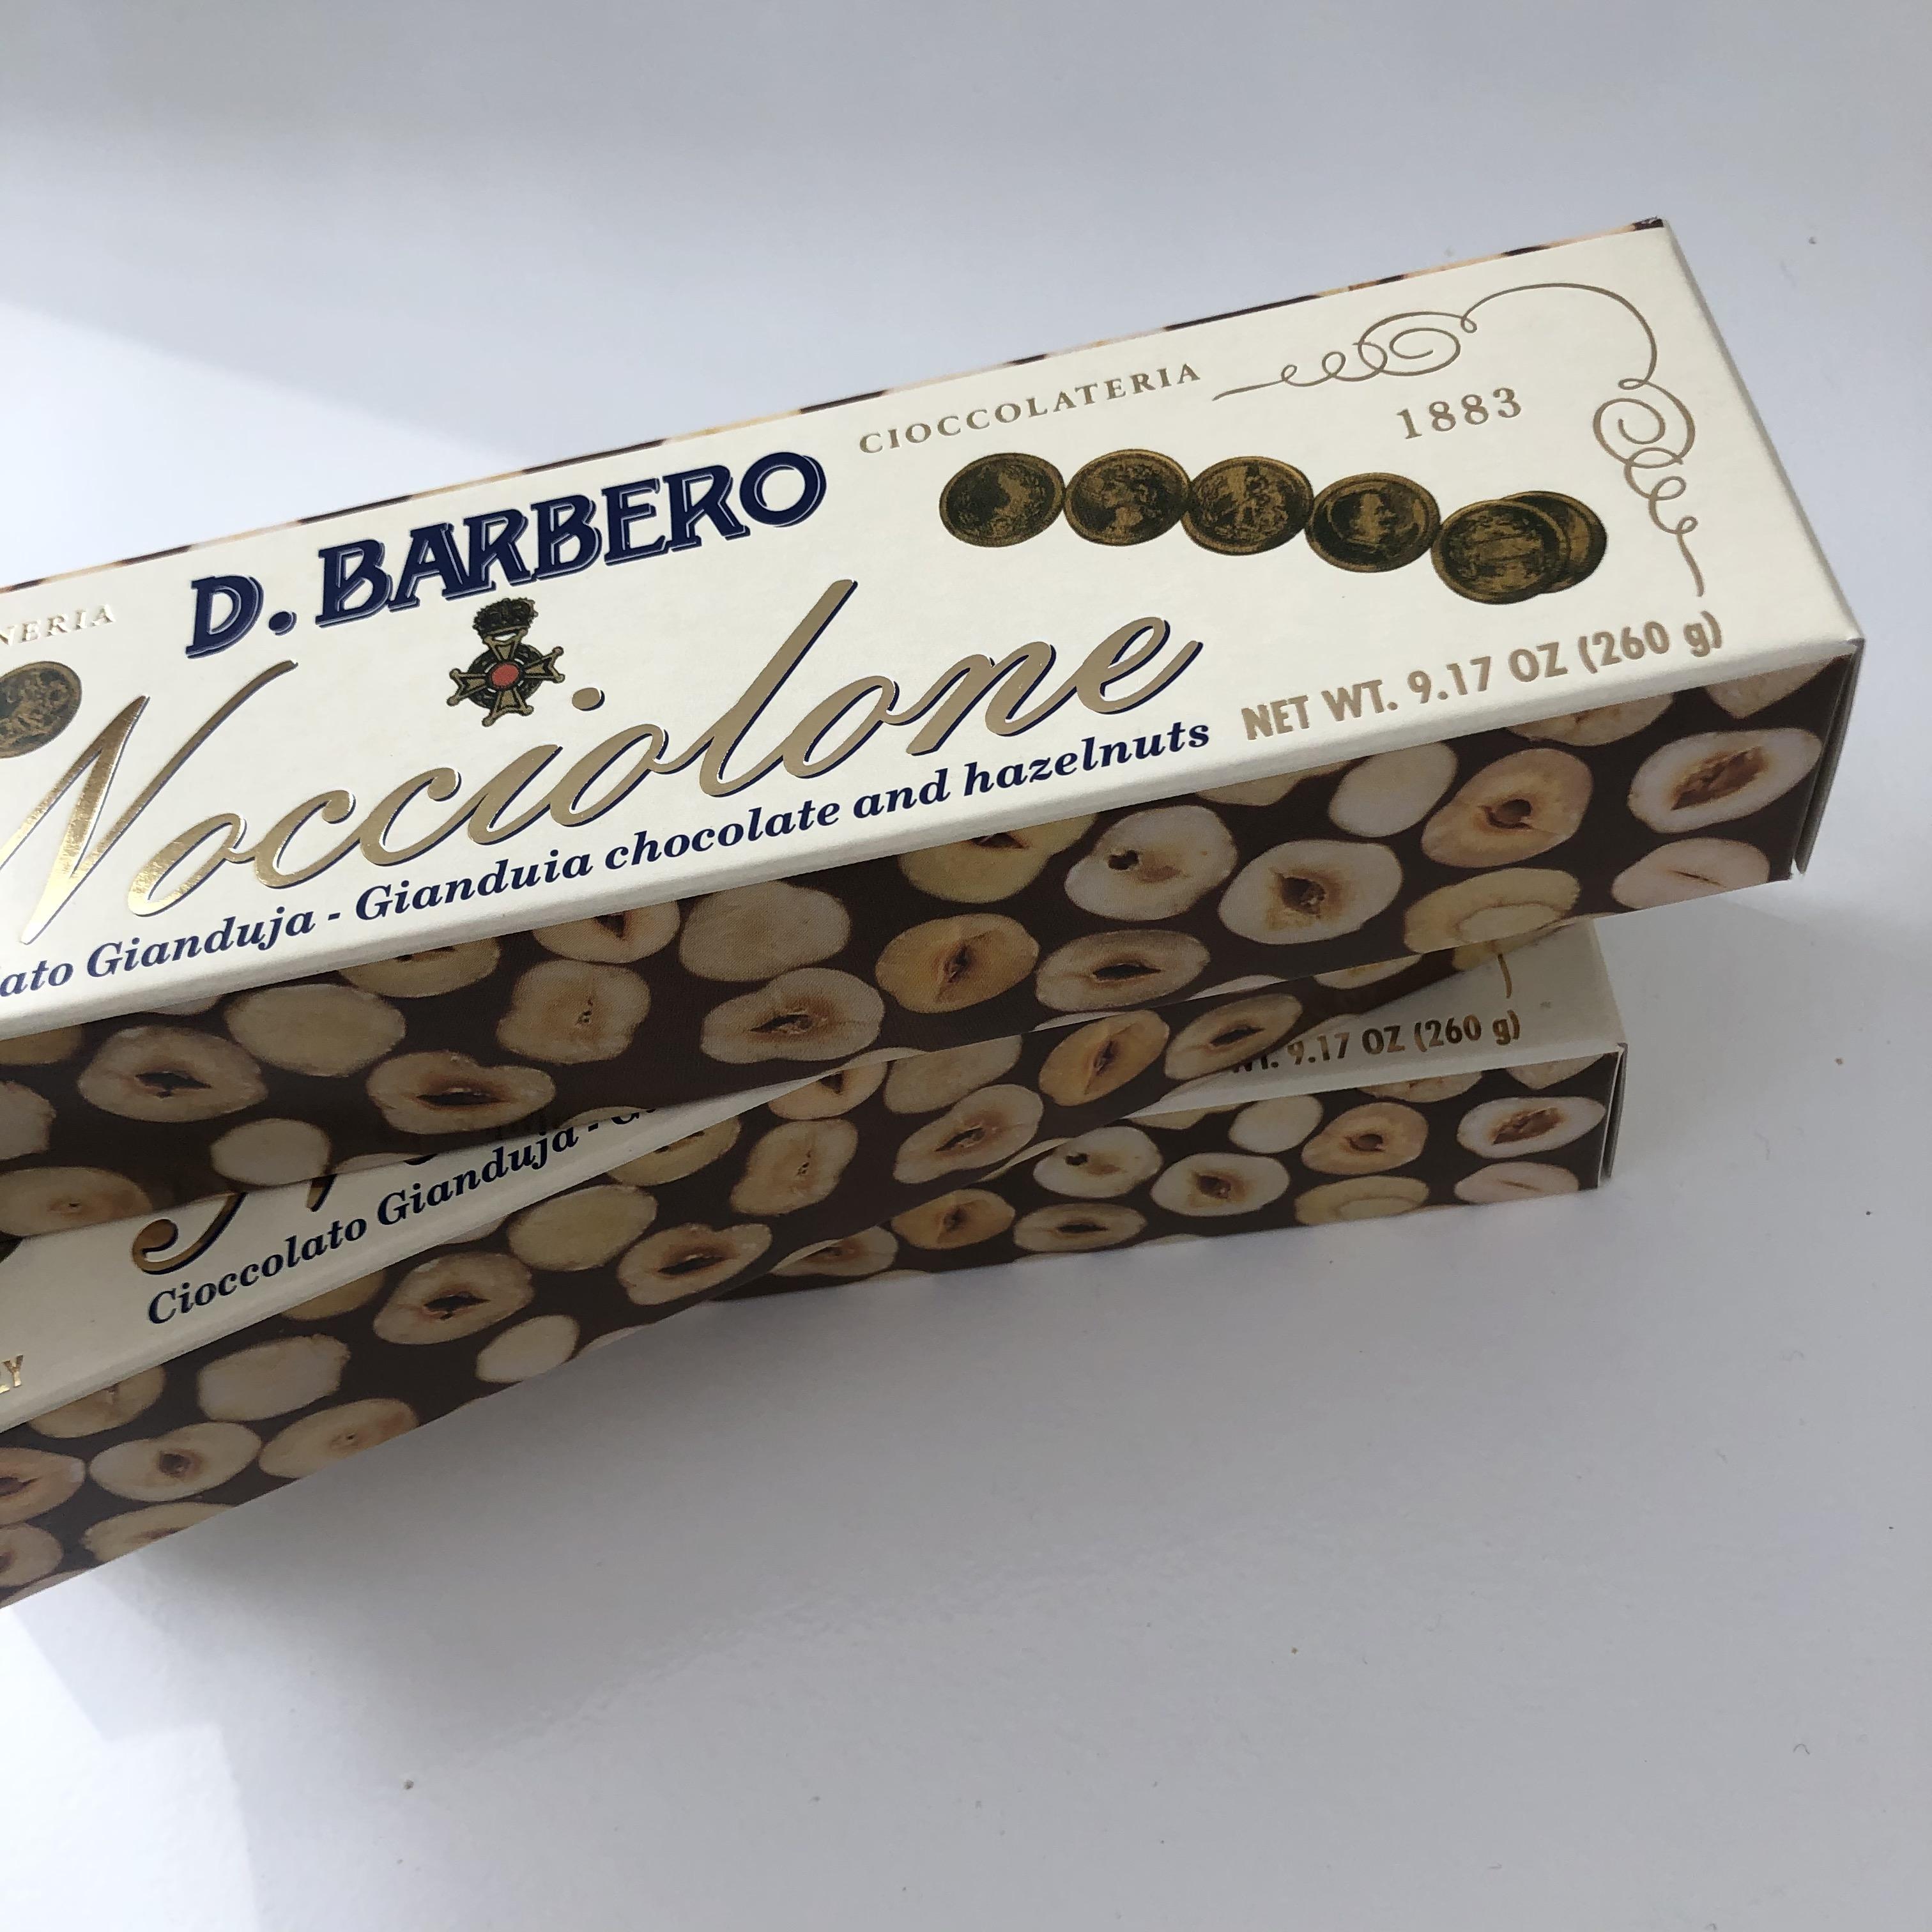 D. Barbero Nocciolone